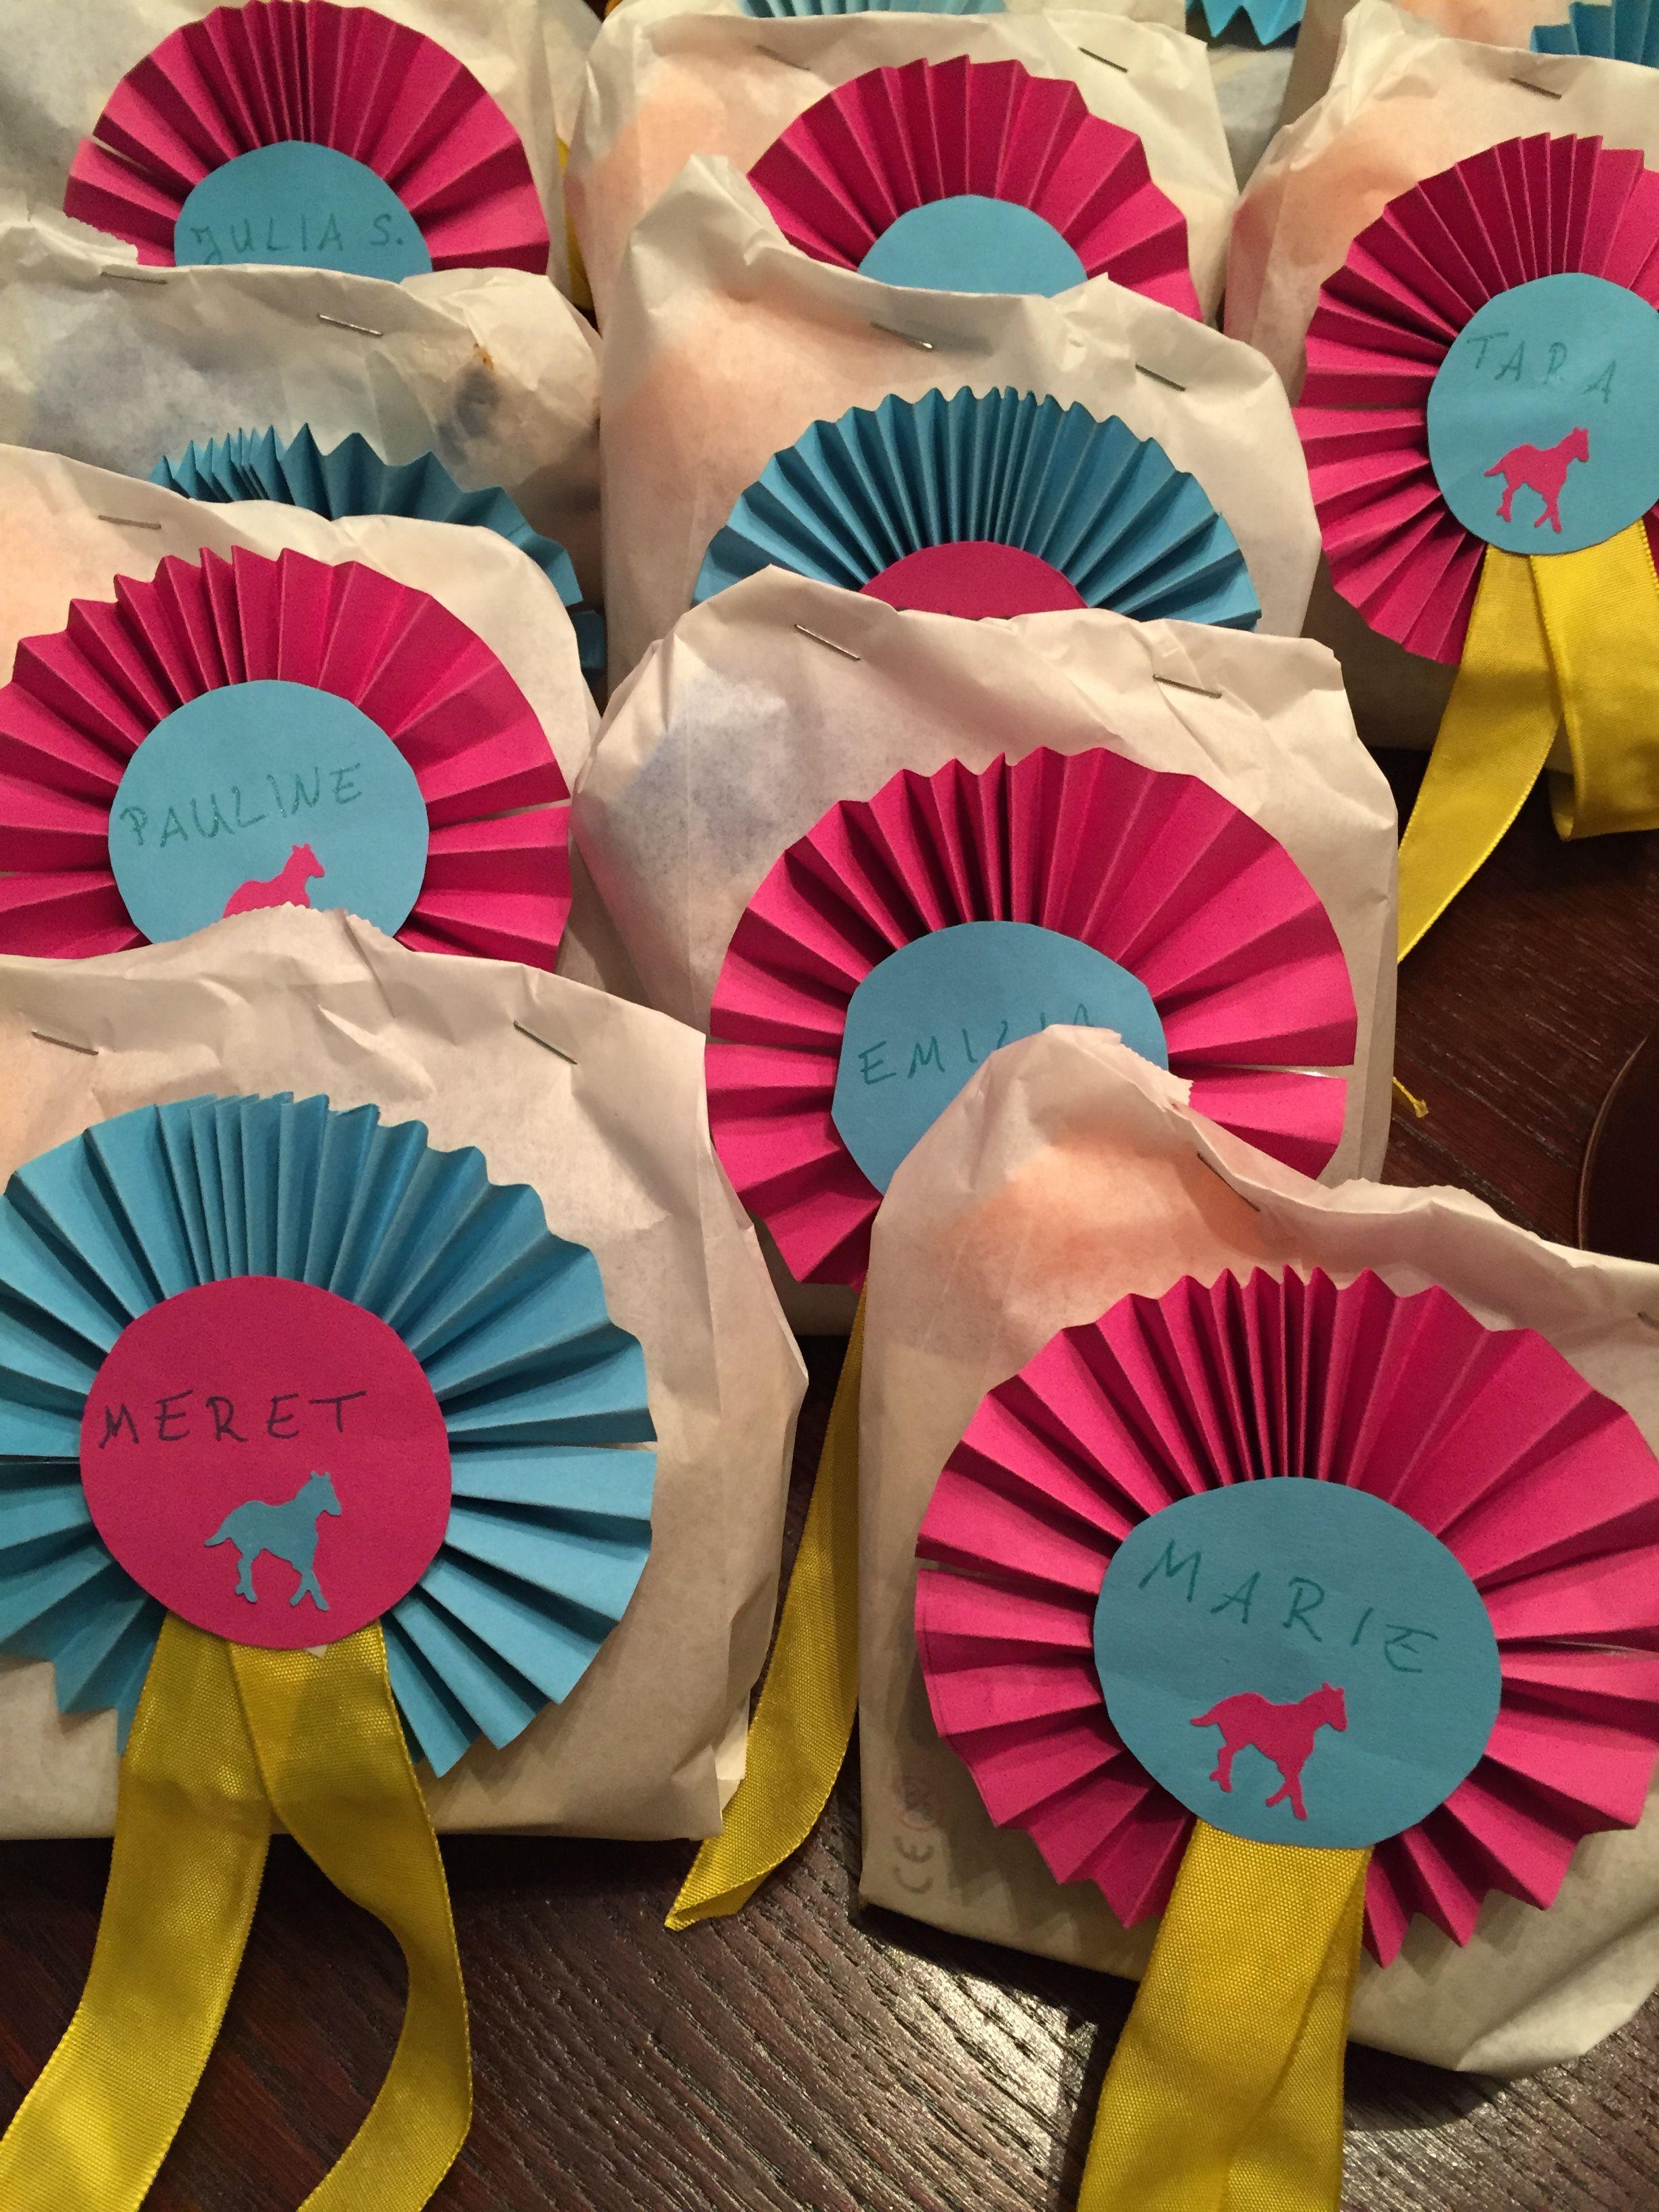 Gratis Checkliste Für Partyplanung Kindergeburtstag | Kindergeburtstag |  Pinterest | Partyplanung, Checkliste Und Geburtstage